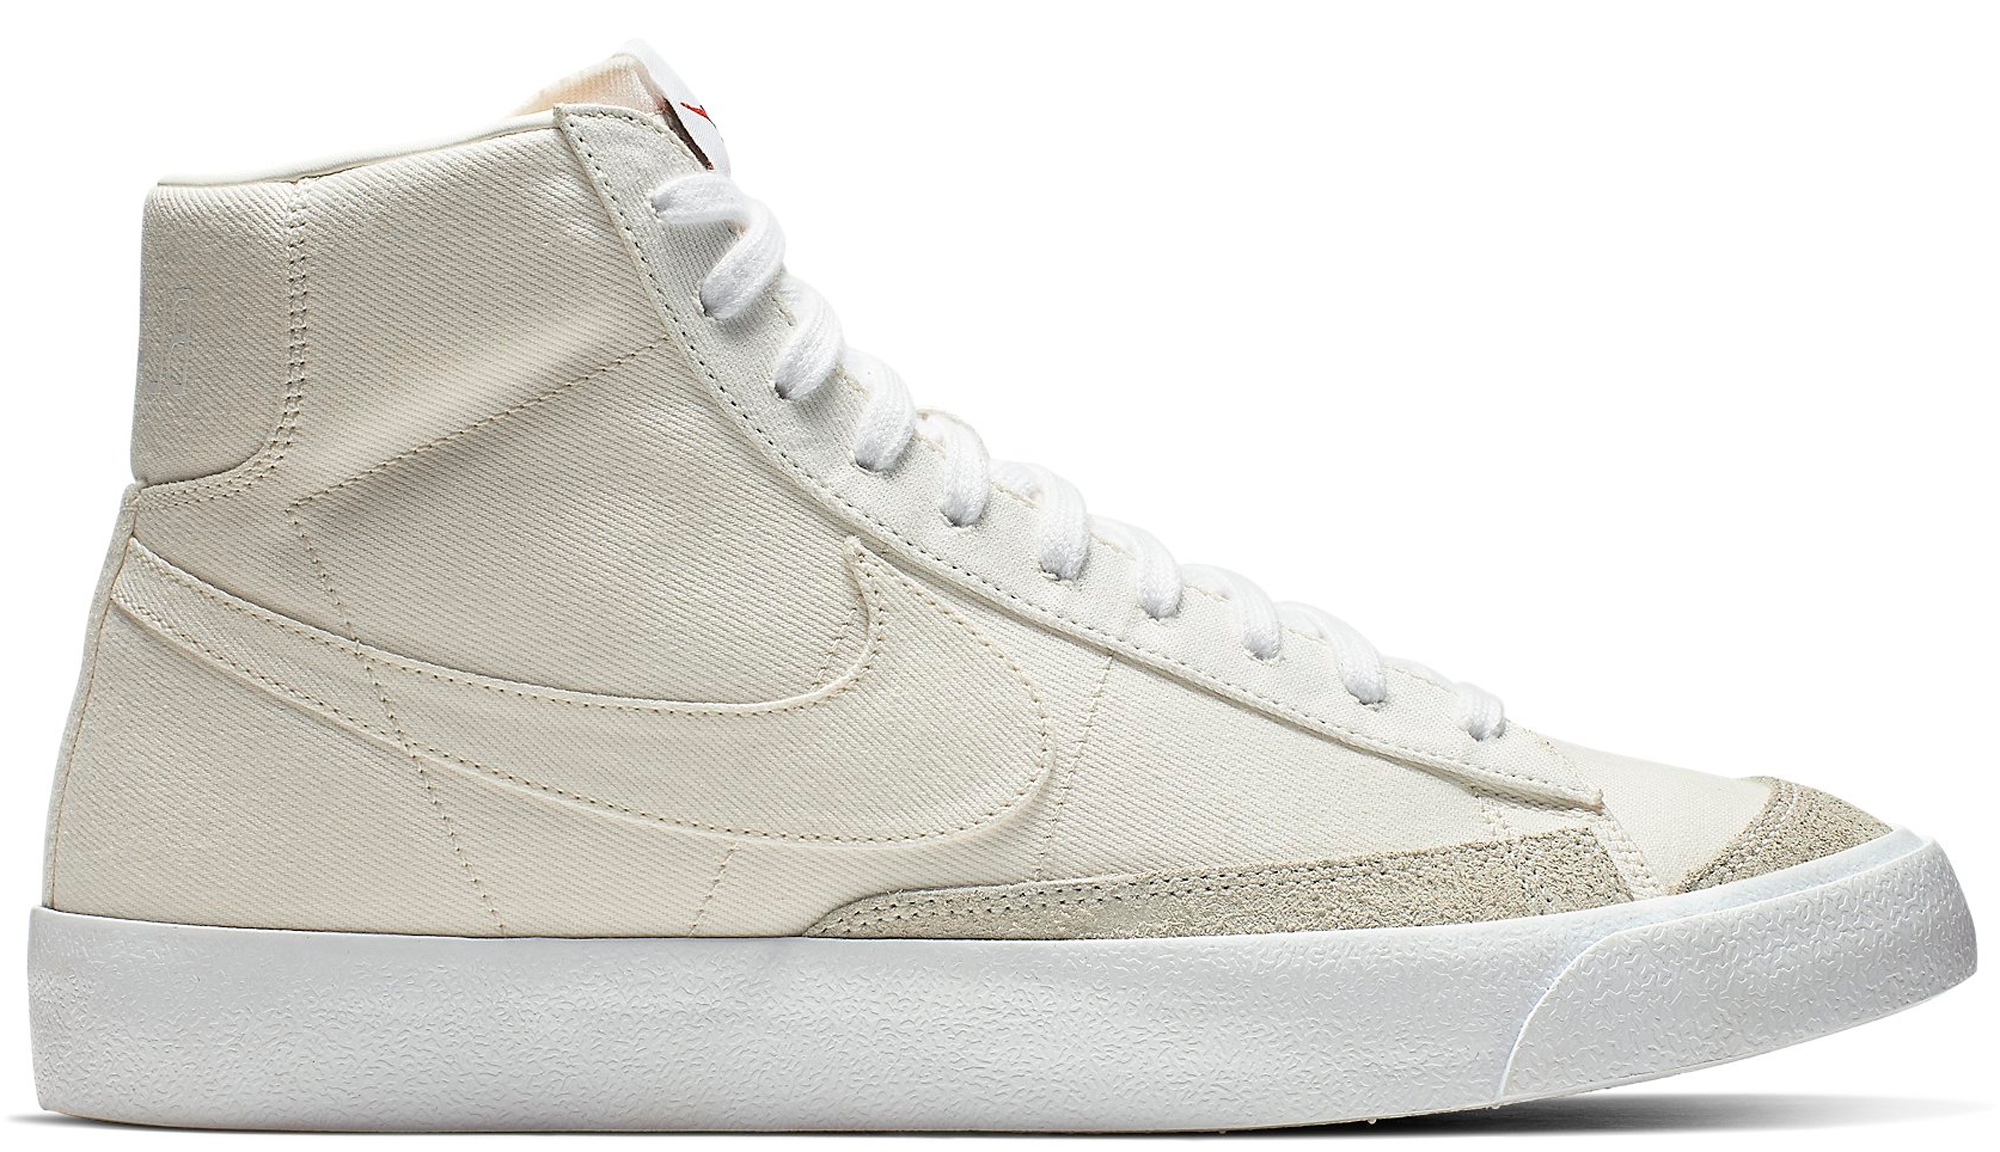 Nike Blazer Mid 77 Vintage Sail White